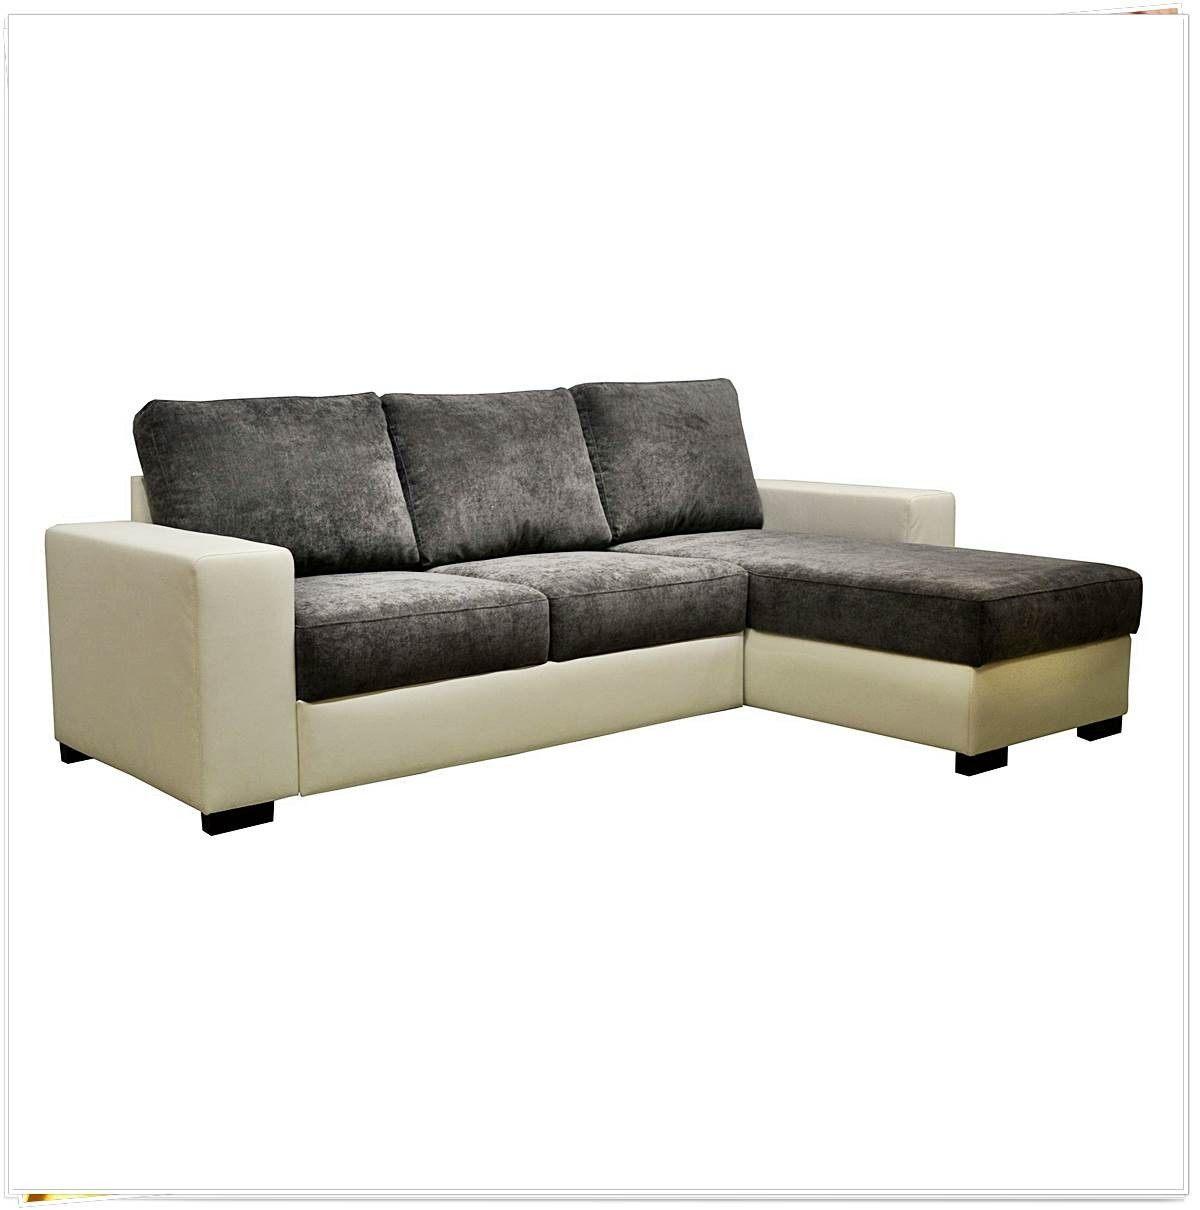 Canapé D Angle Lit Le Luxe 30 Meilleur Canapé U Convertible Suggestions